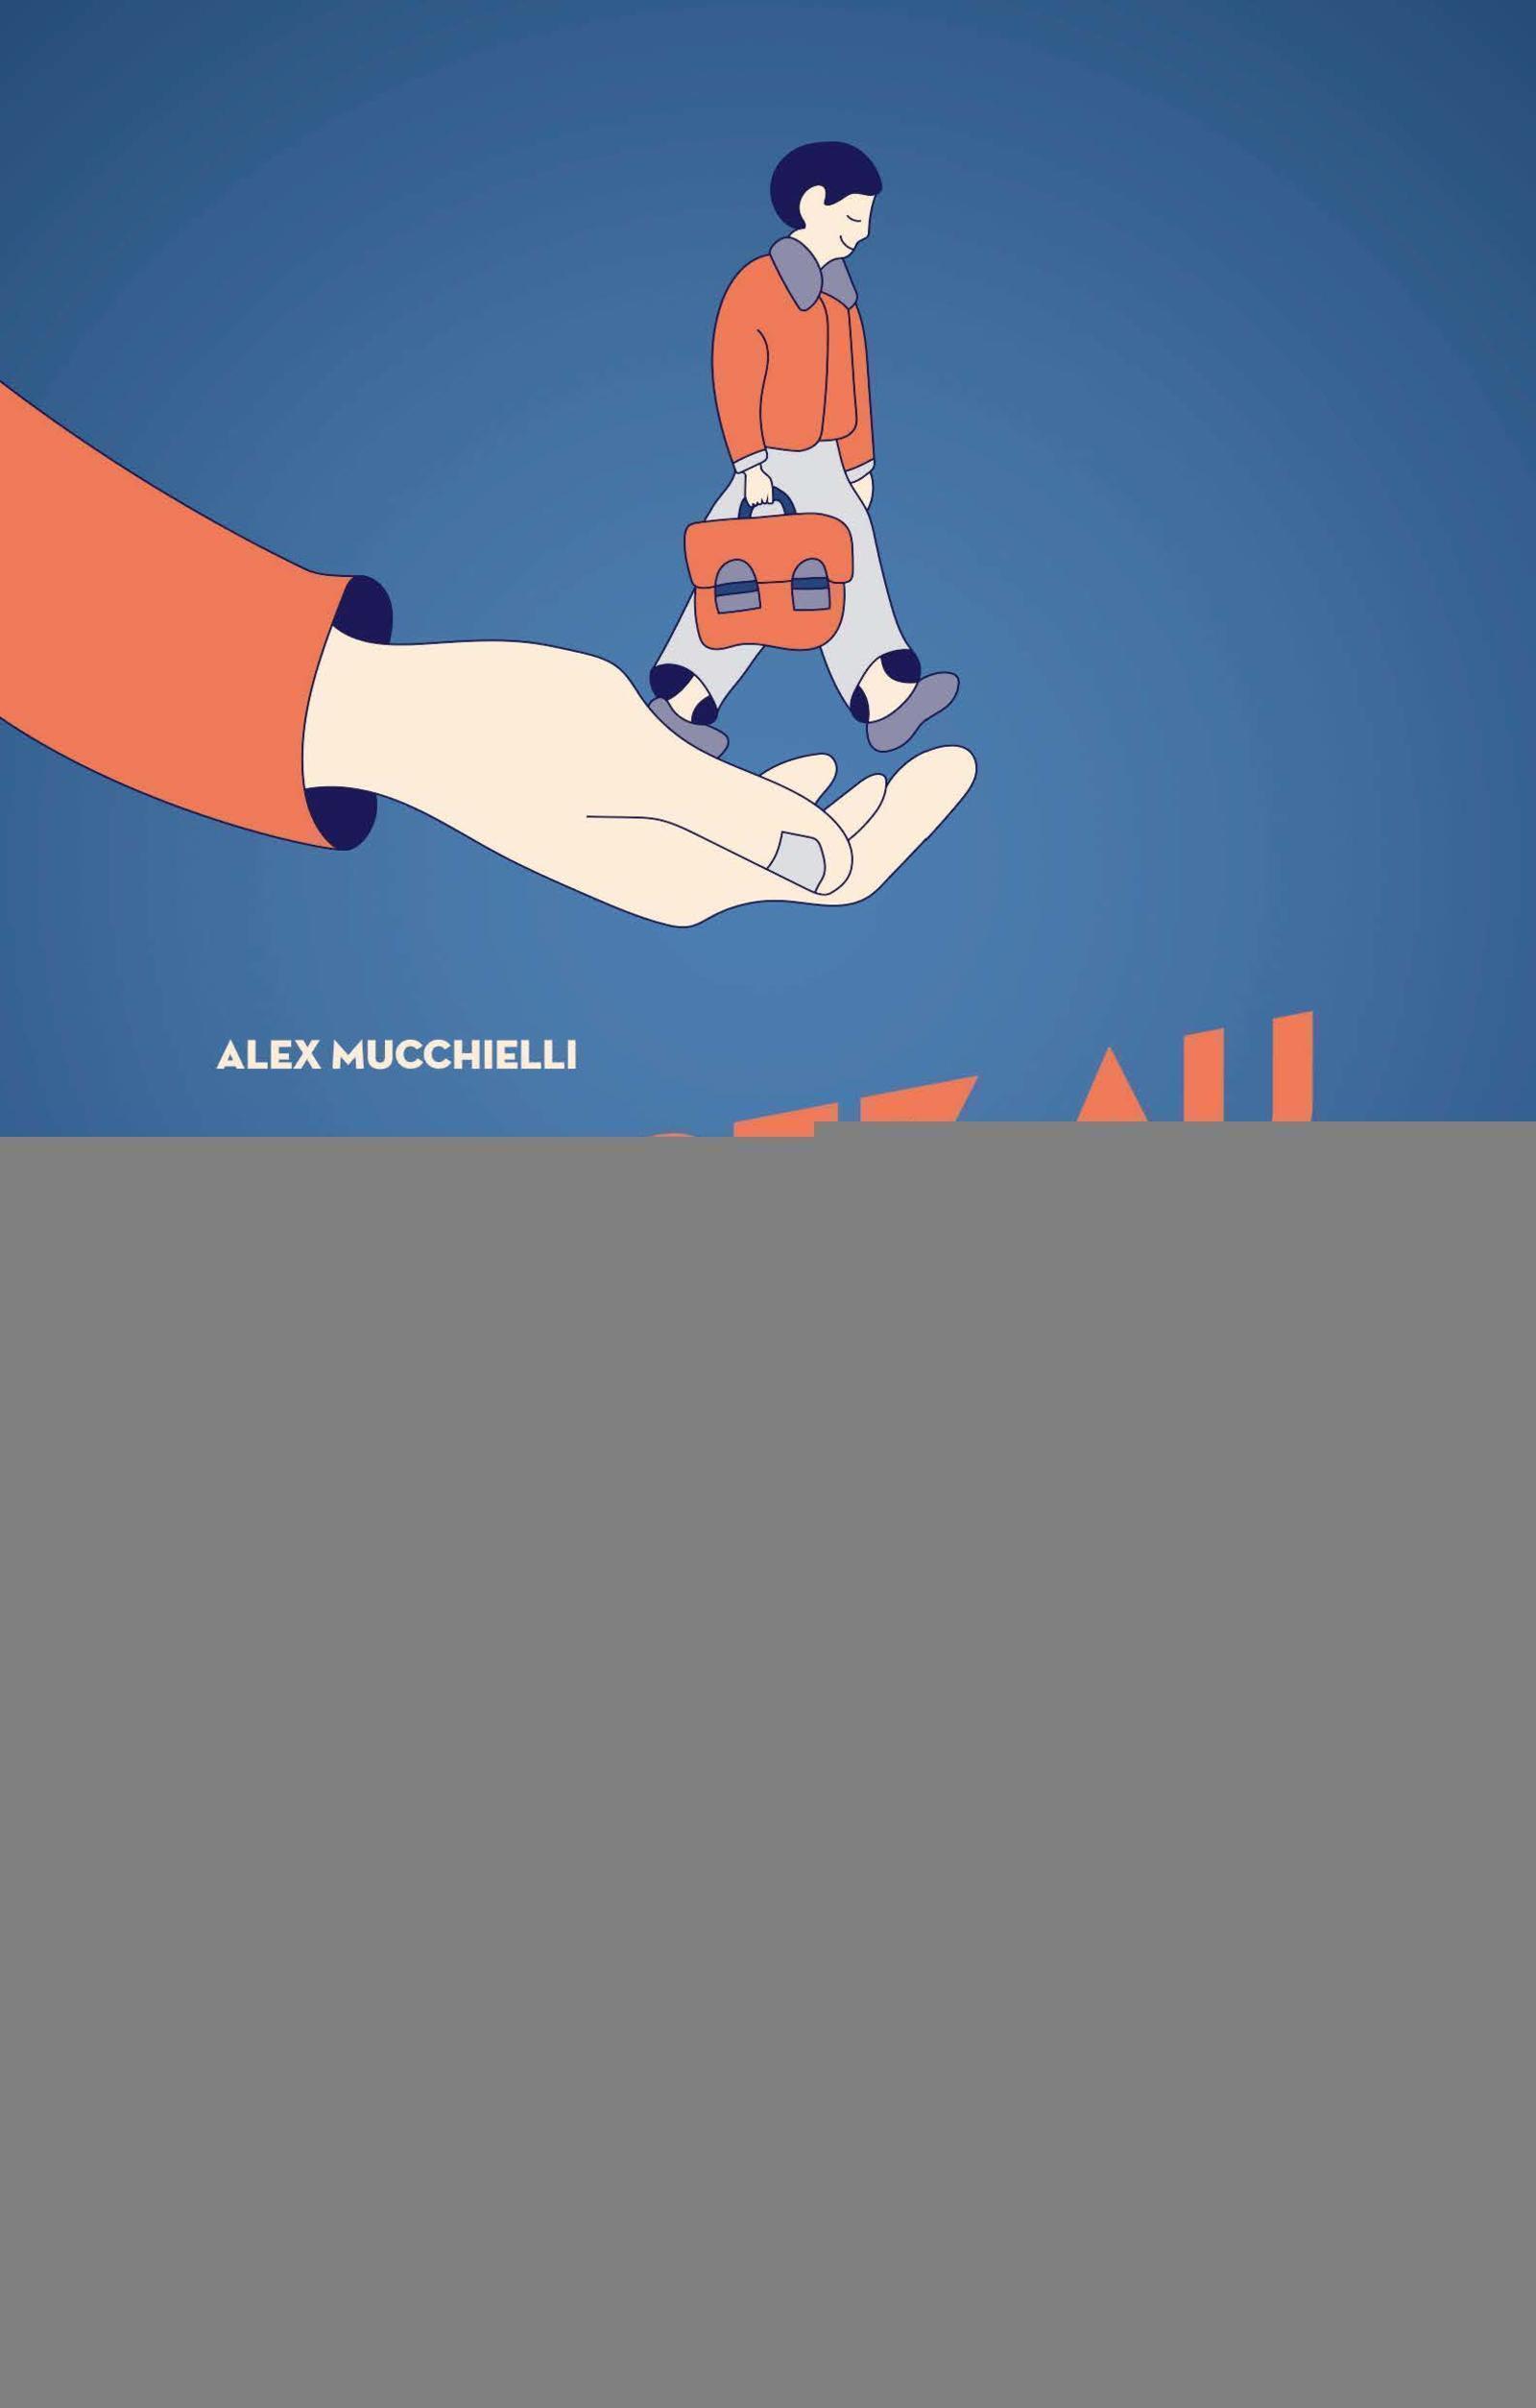 PASSEZ AU NUDGE MANAGEMENT - L ART SUBTIL DE MOTIVER LES AUTRES EN DOUCEUR  ET A LEUR INSU  OU PRES